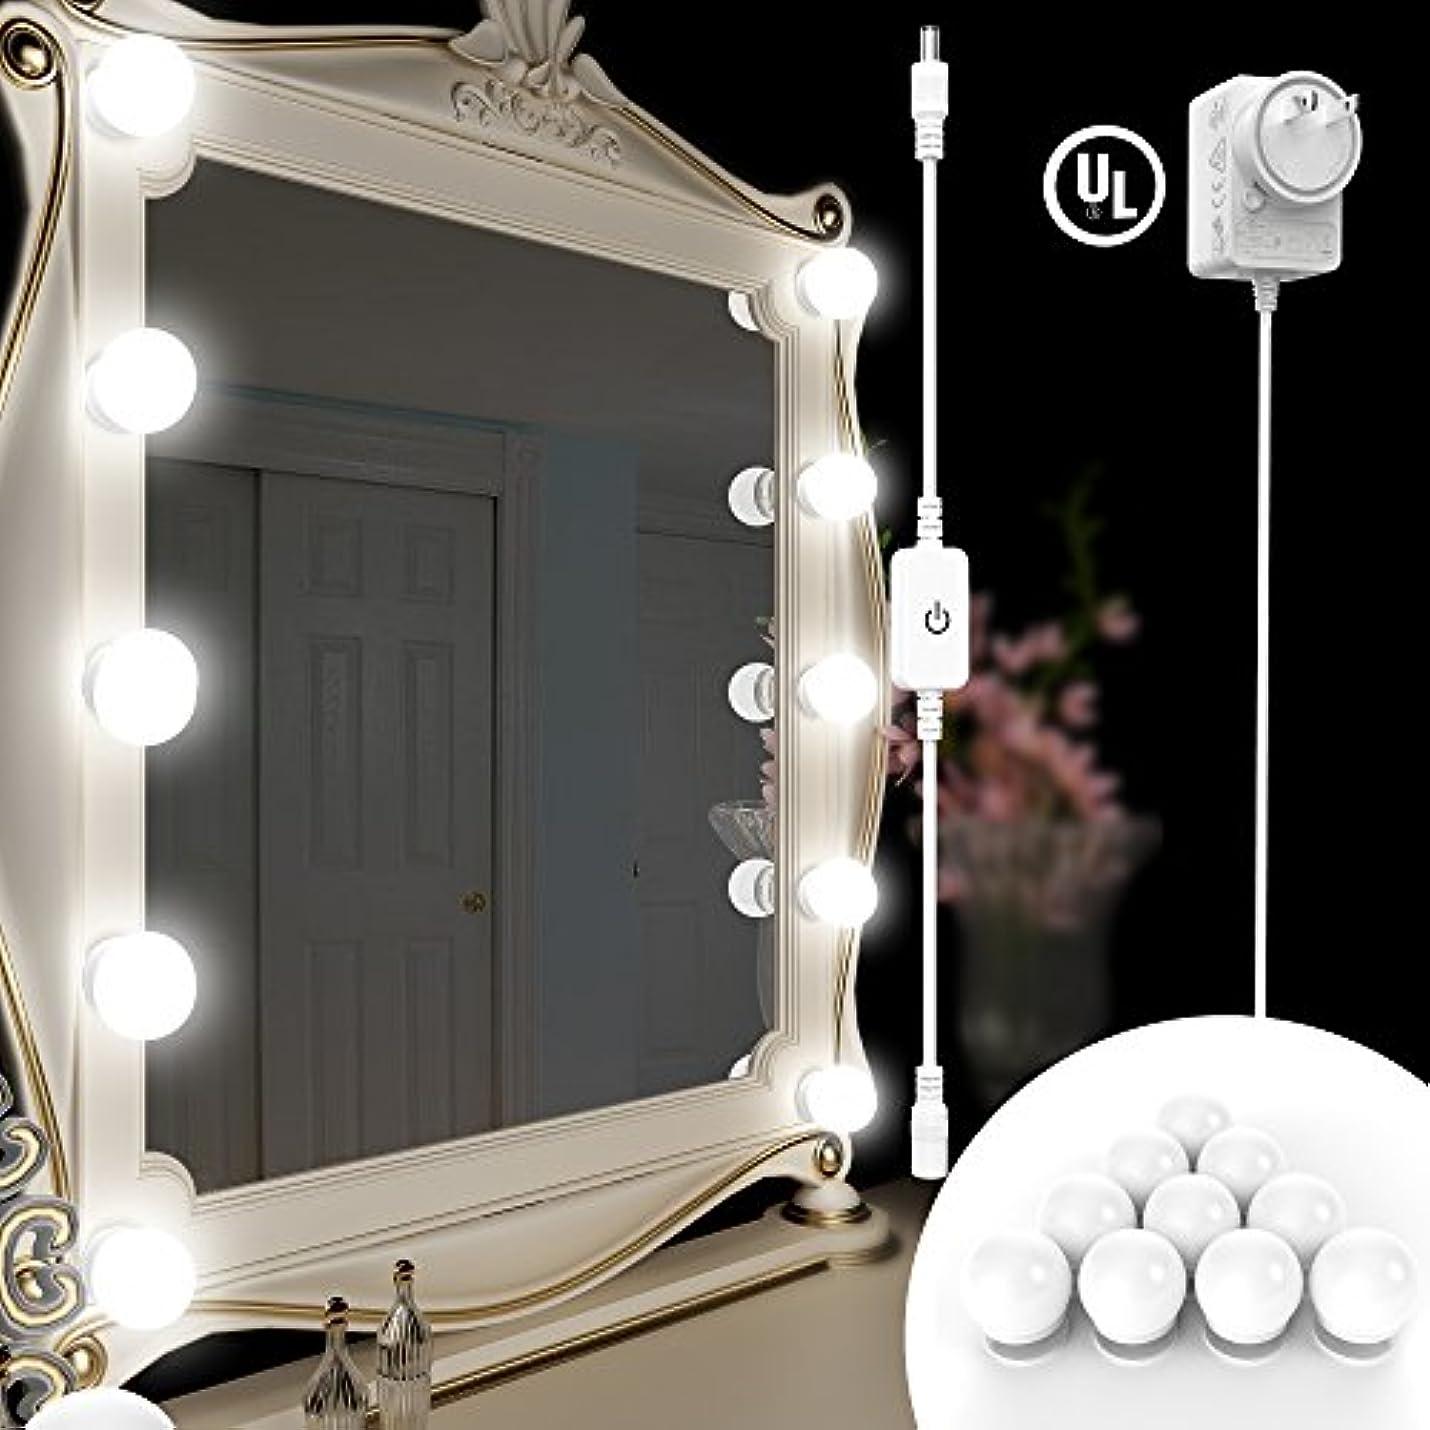 歴史的シンカン五十BlueFire DIY 化粧鏡 LEDライト 女優ミラーライト ハリウッドライト ドレッサーライト 10個LED電球 明るさ調節可能 全長3.6M 隠し配線 メイクアップミラーライト バニティミラーライトキット